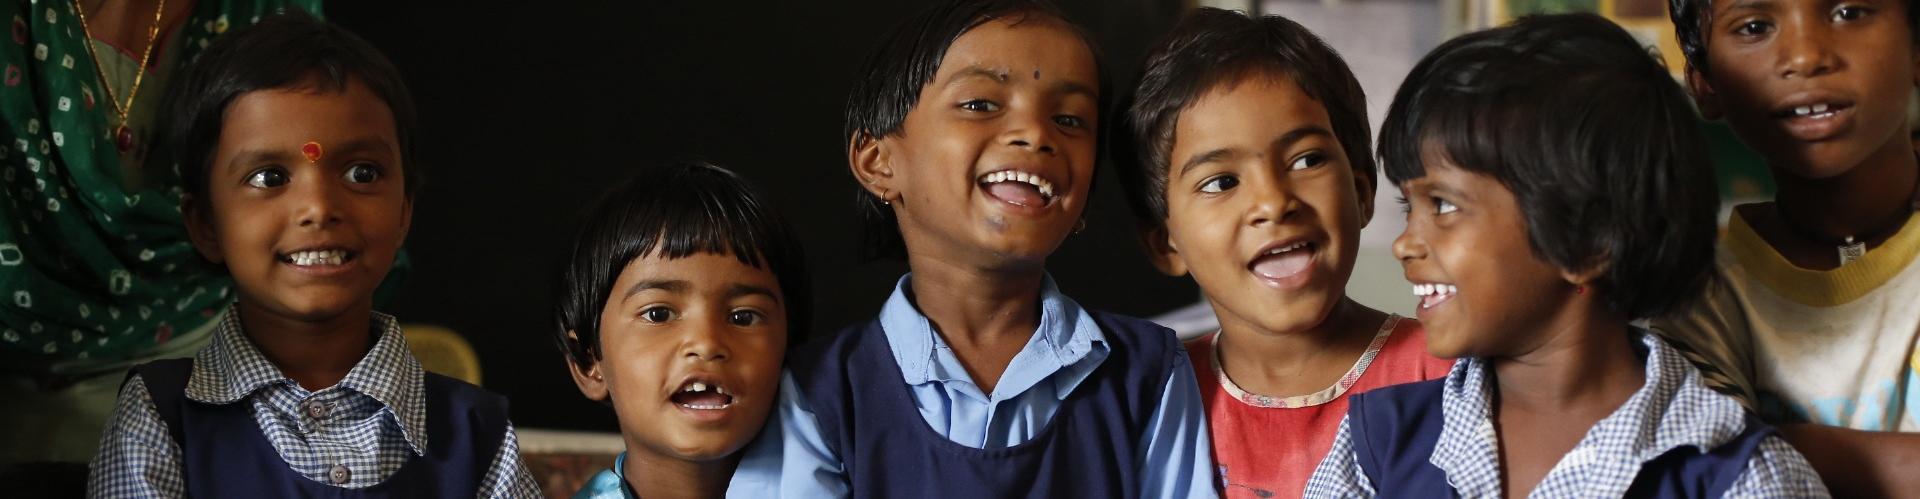 Sensibilización sobre derechos de infancia